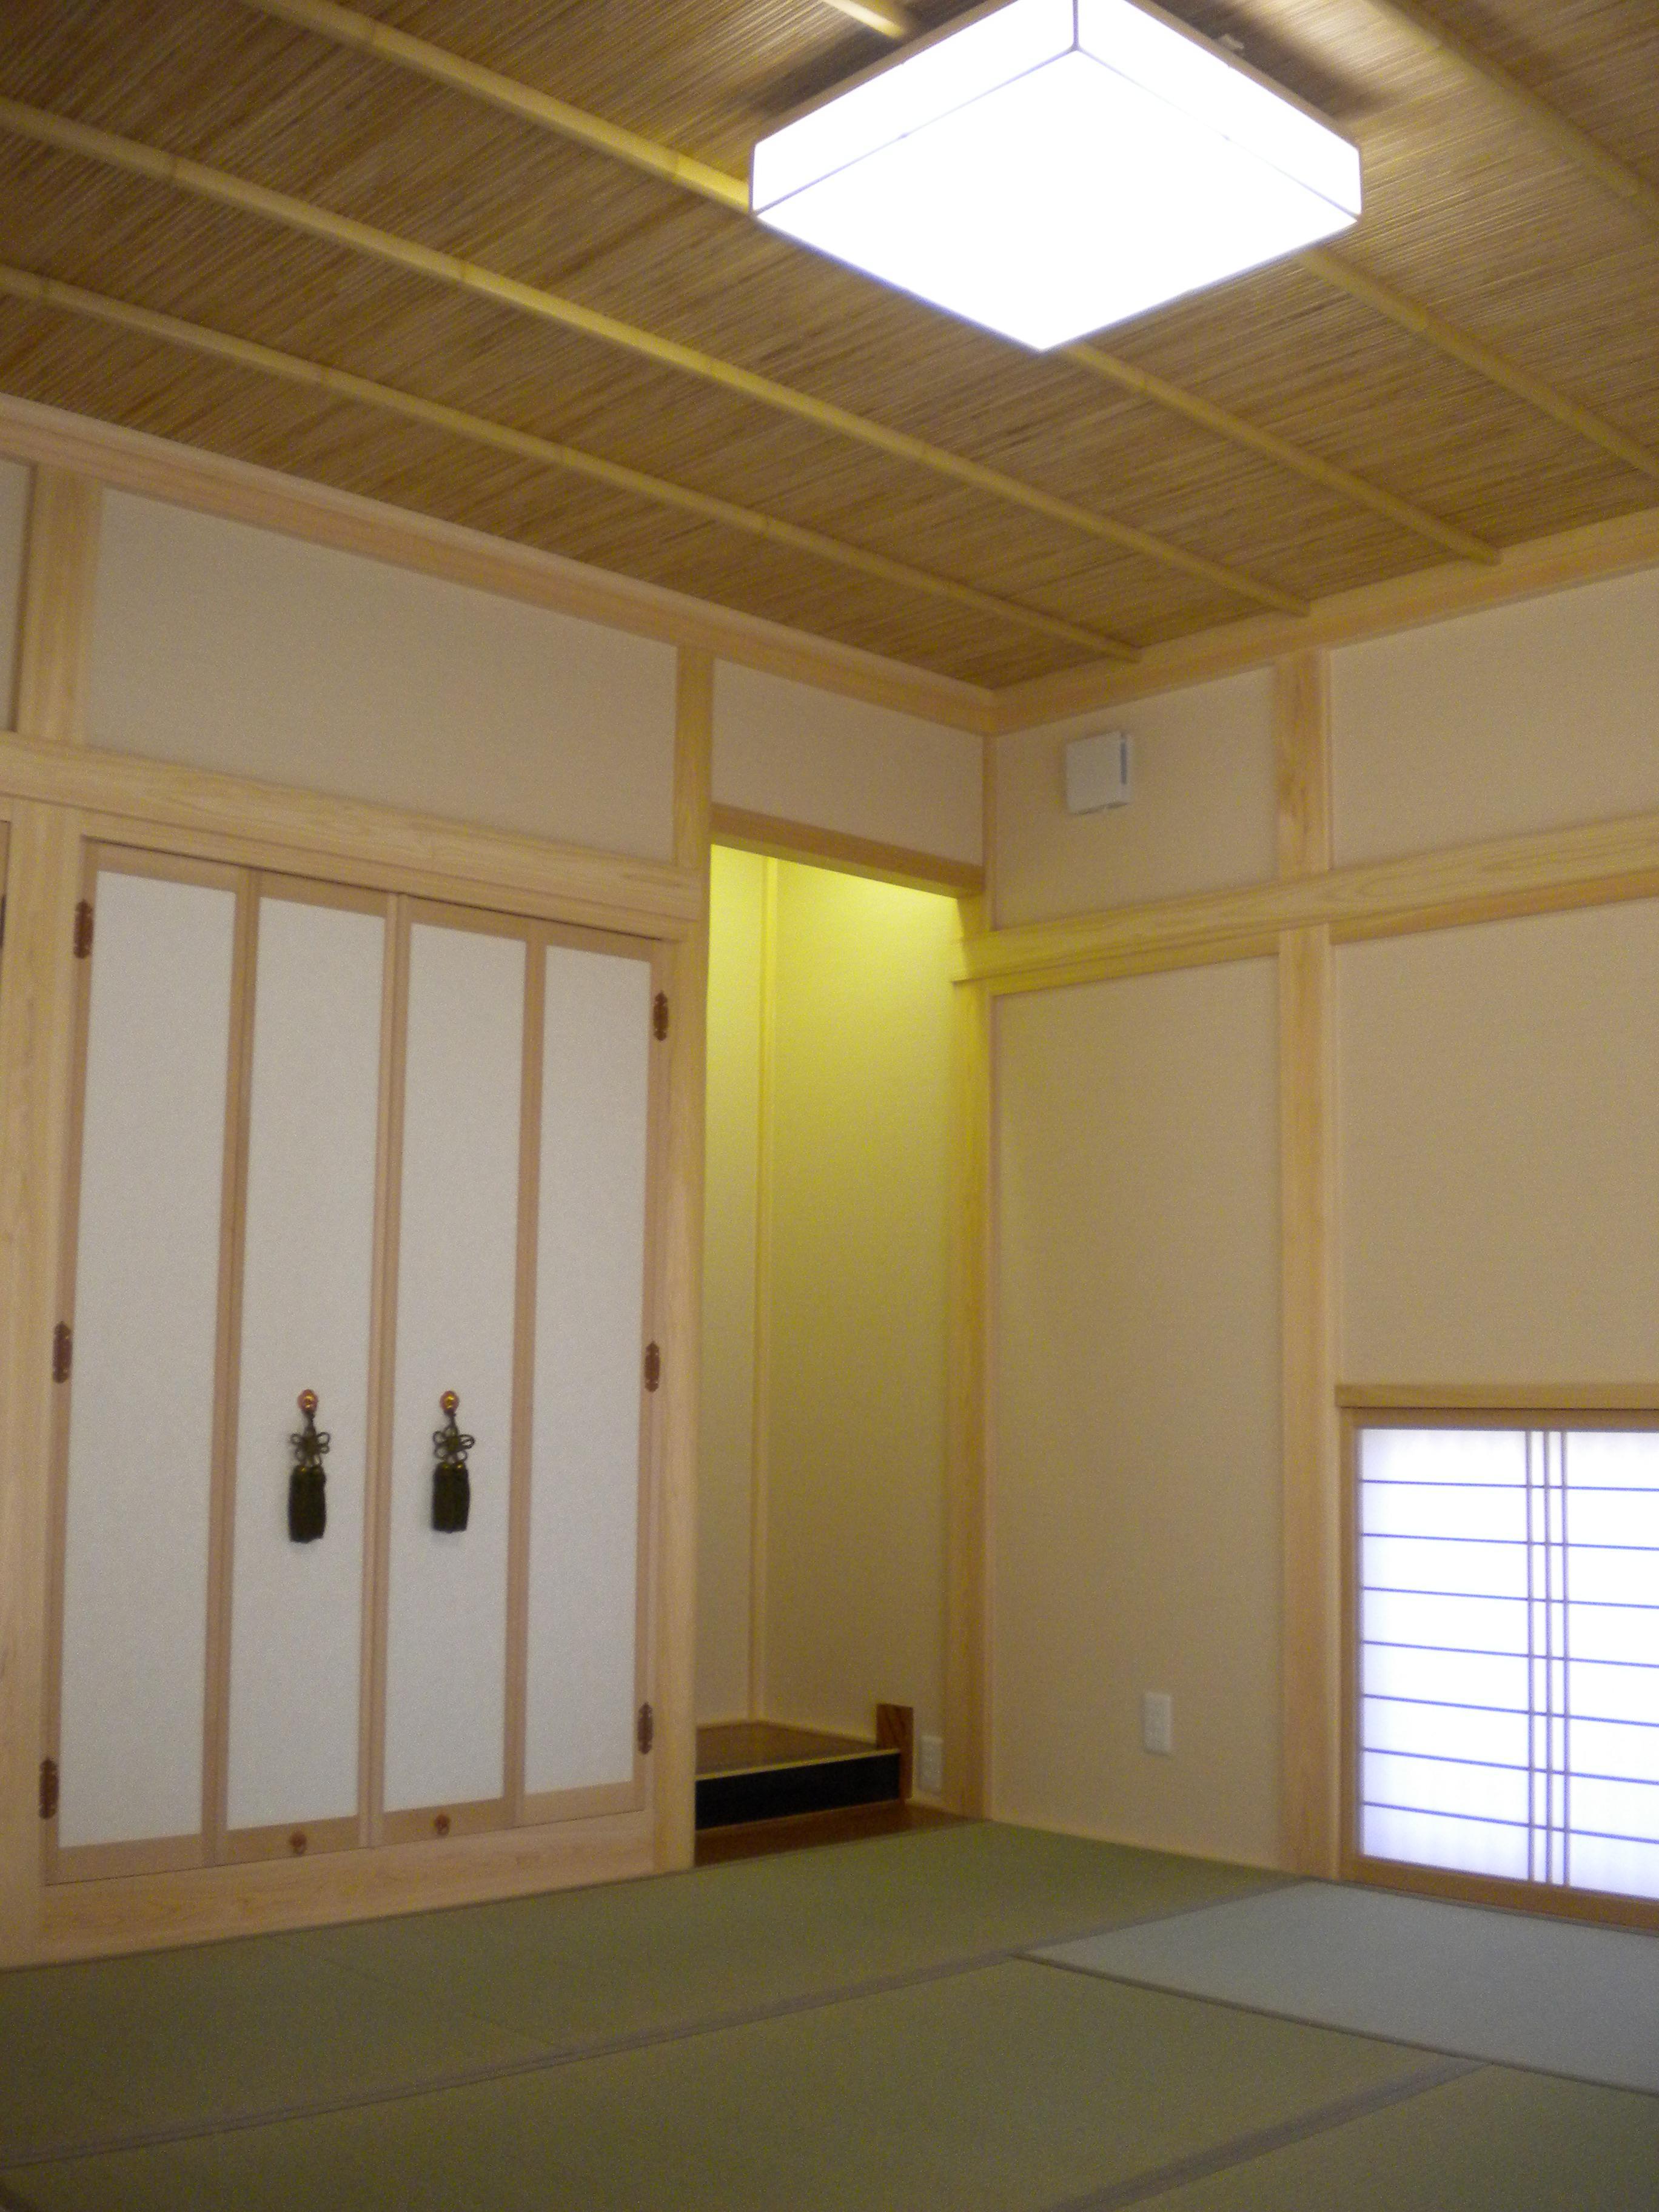 全て桧材で統一され長押も掛った本格的和室